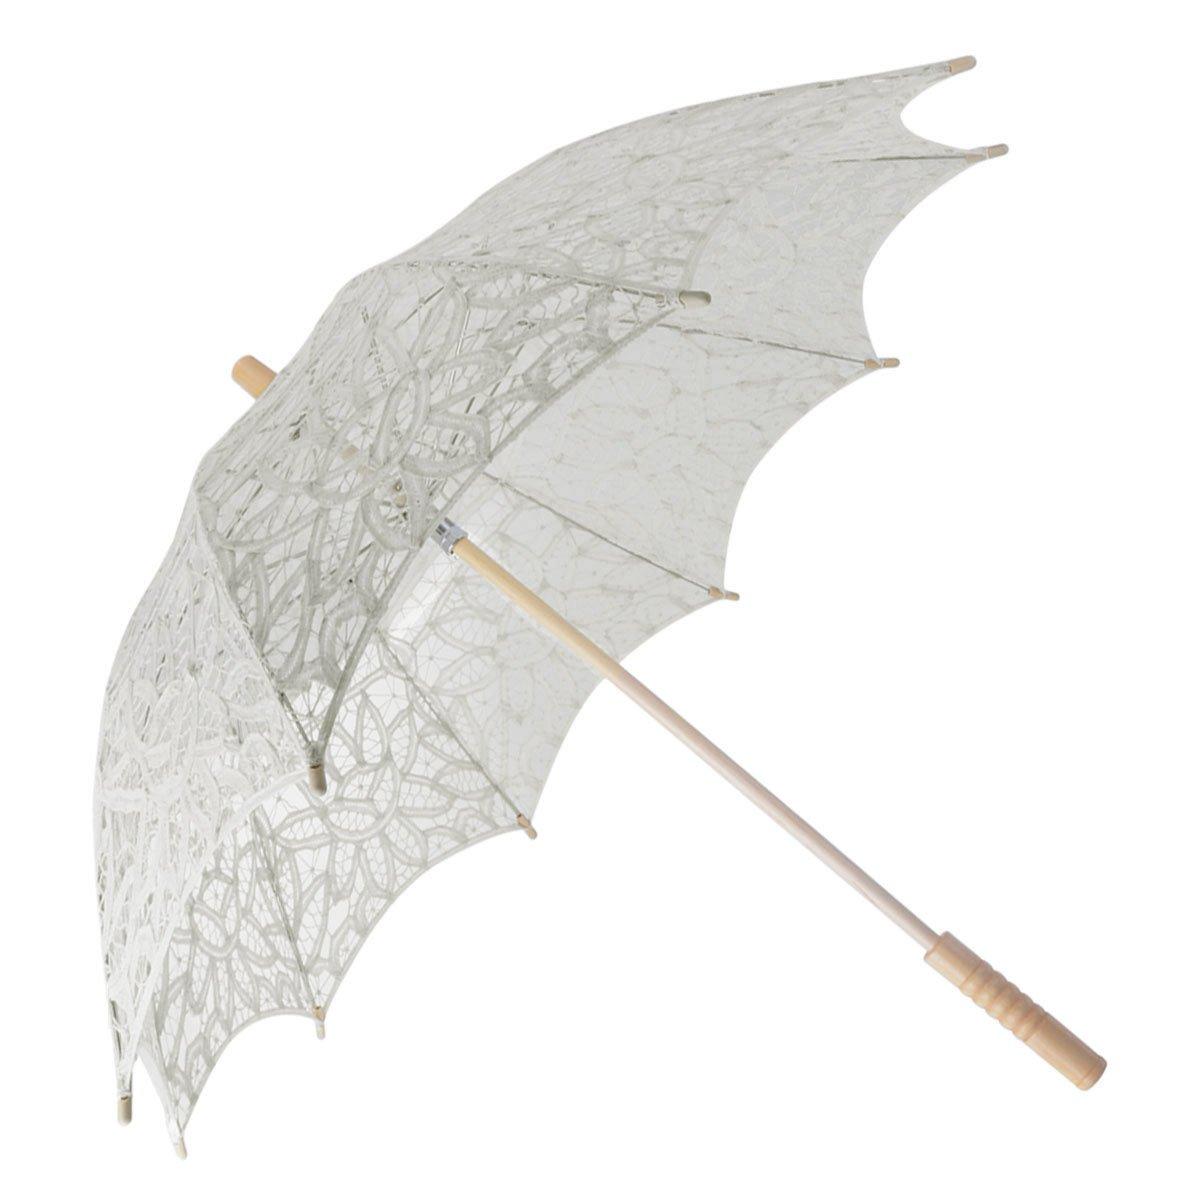 Fascigirl Spitze Sonnenschirm Regenschirm für Braut Brautjungfer Hochzeit